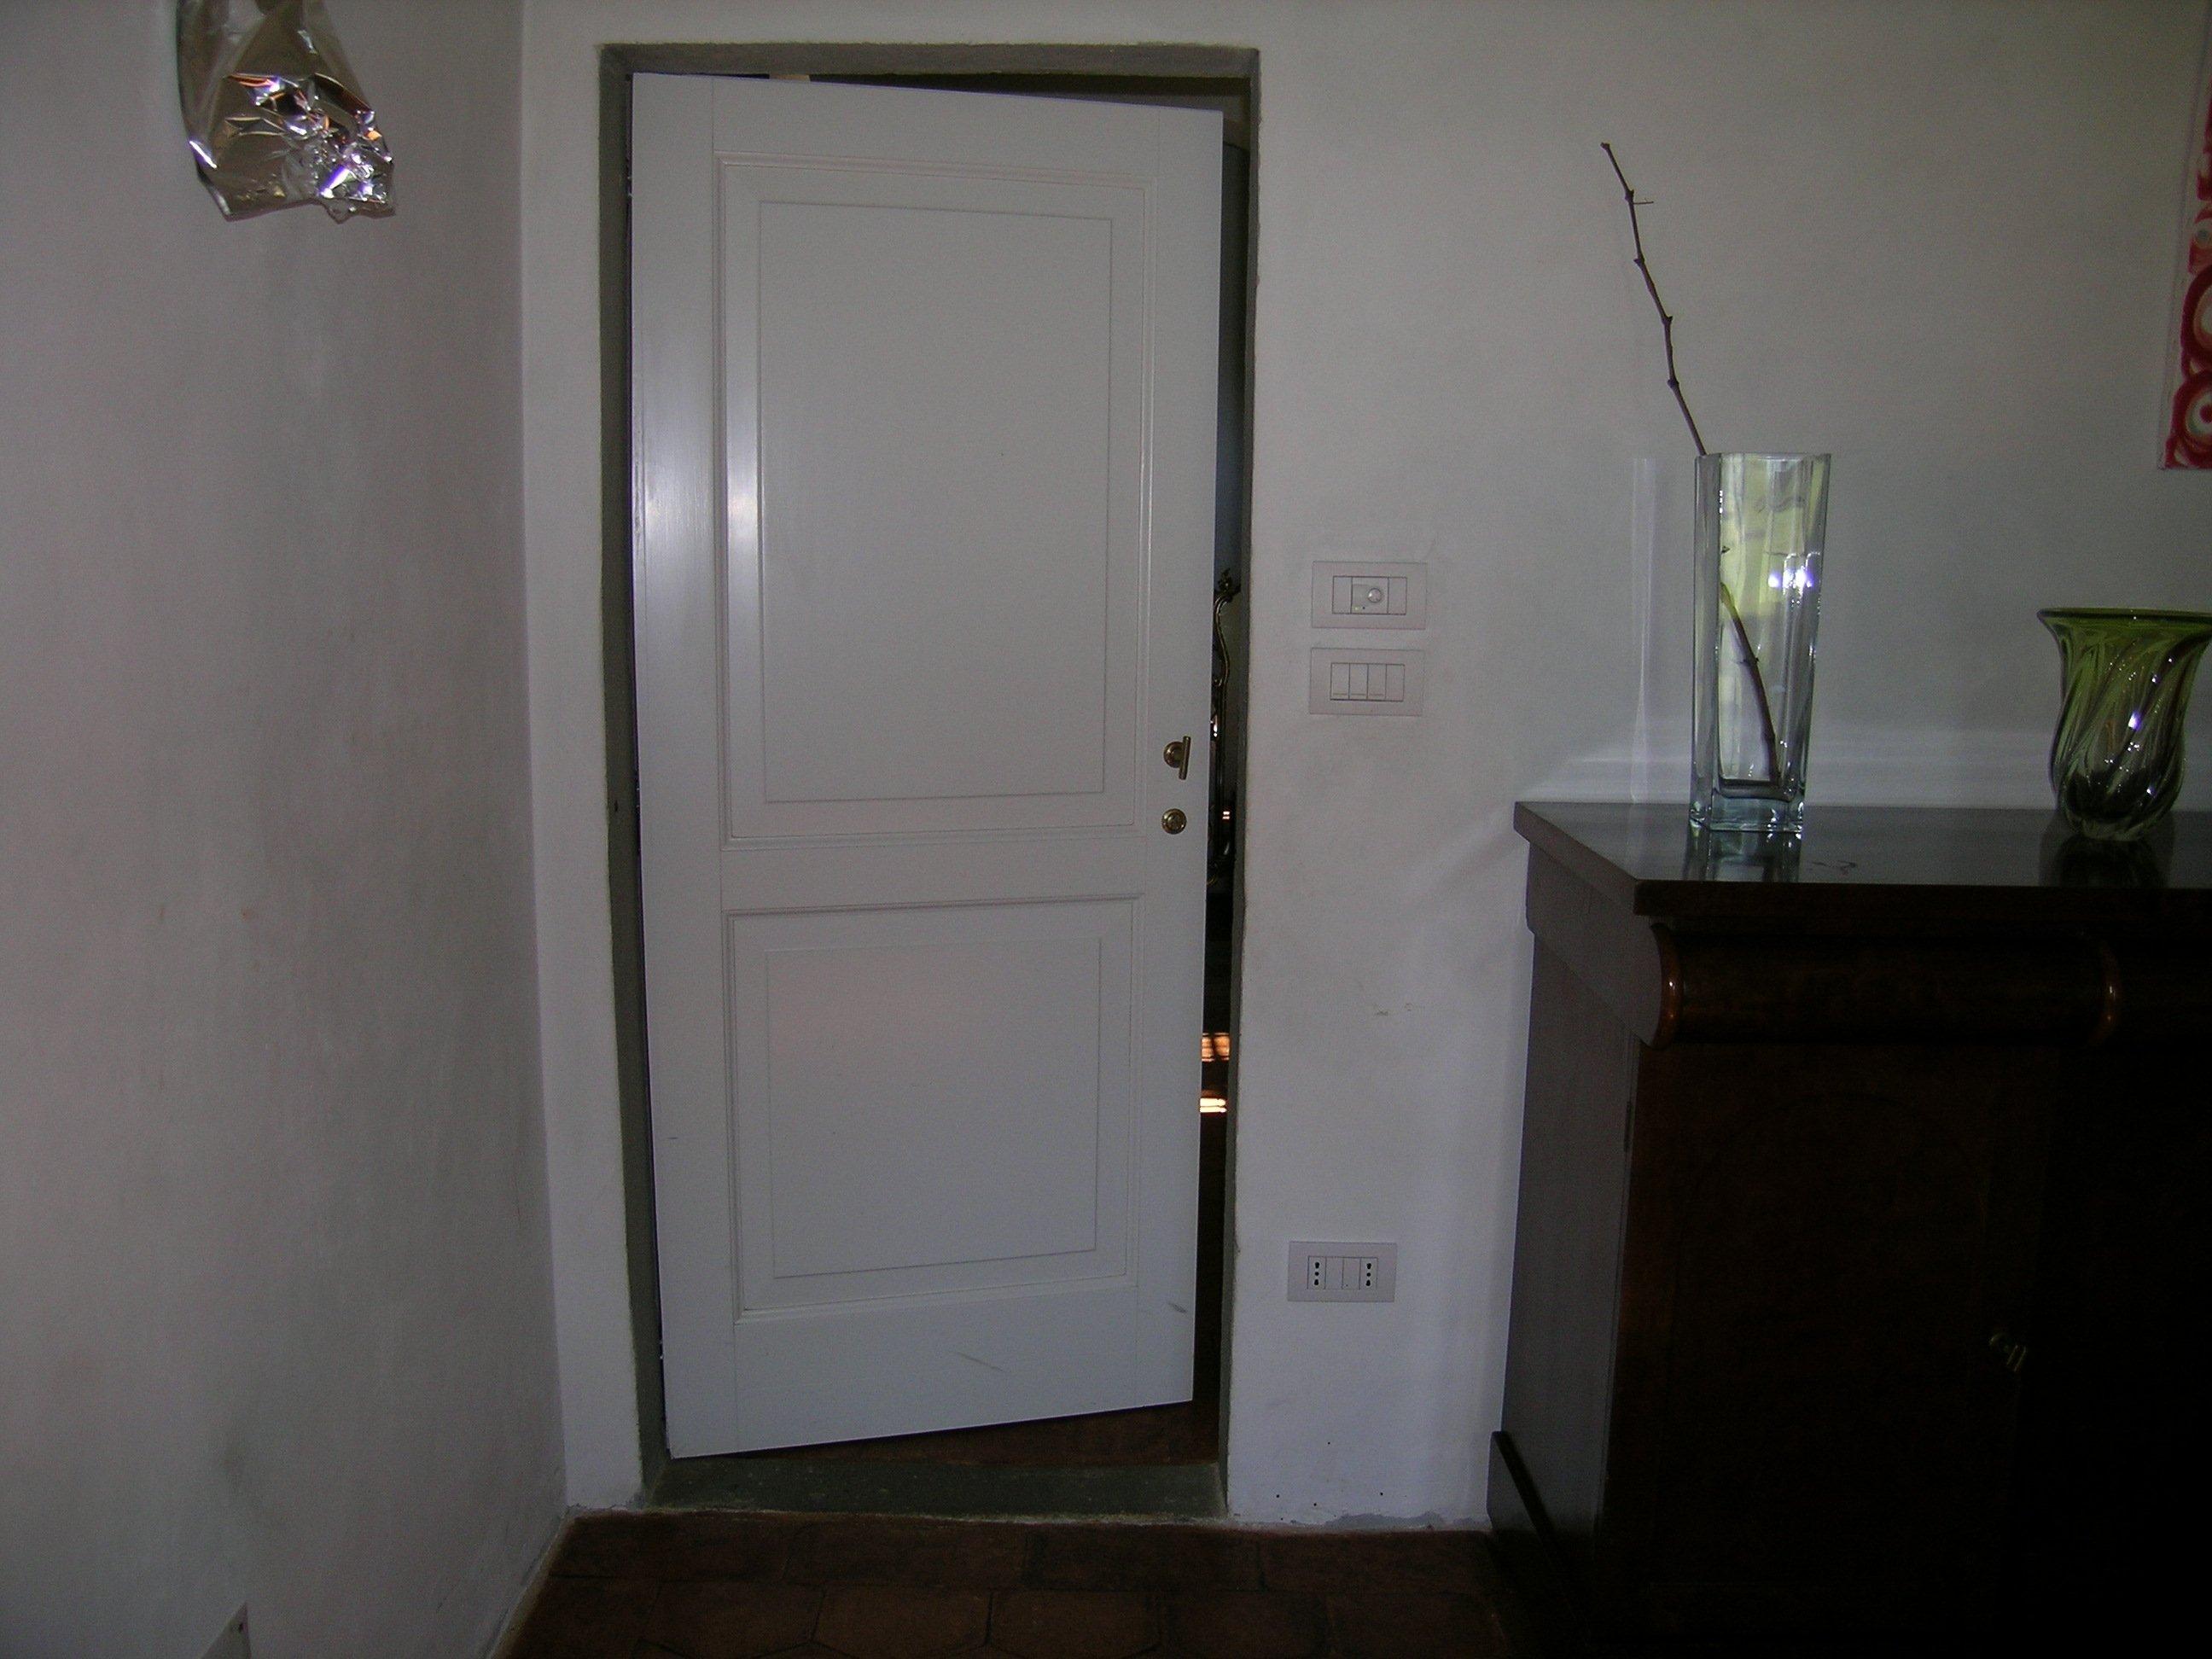 porta bianca con vaso su una mensola